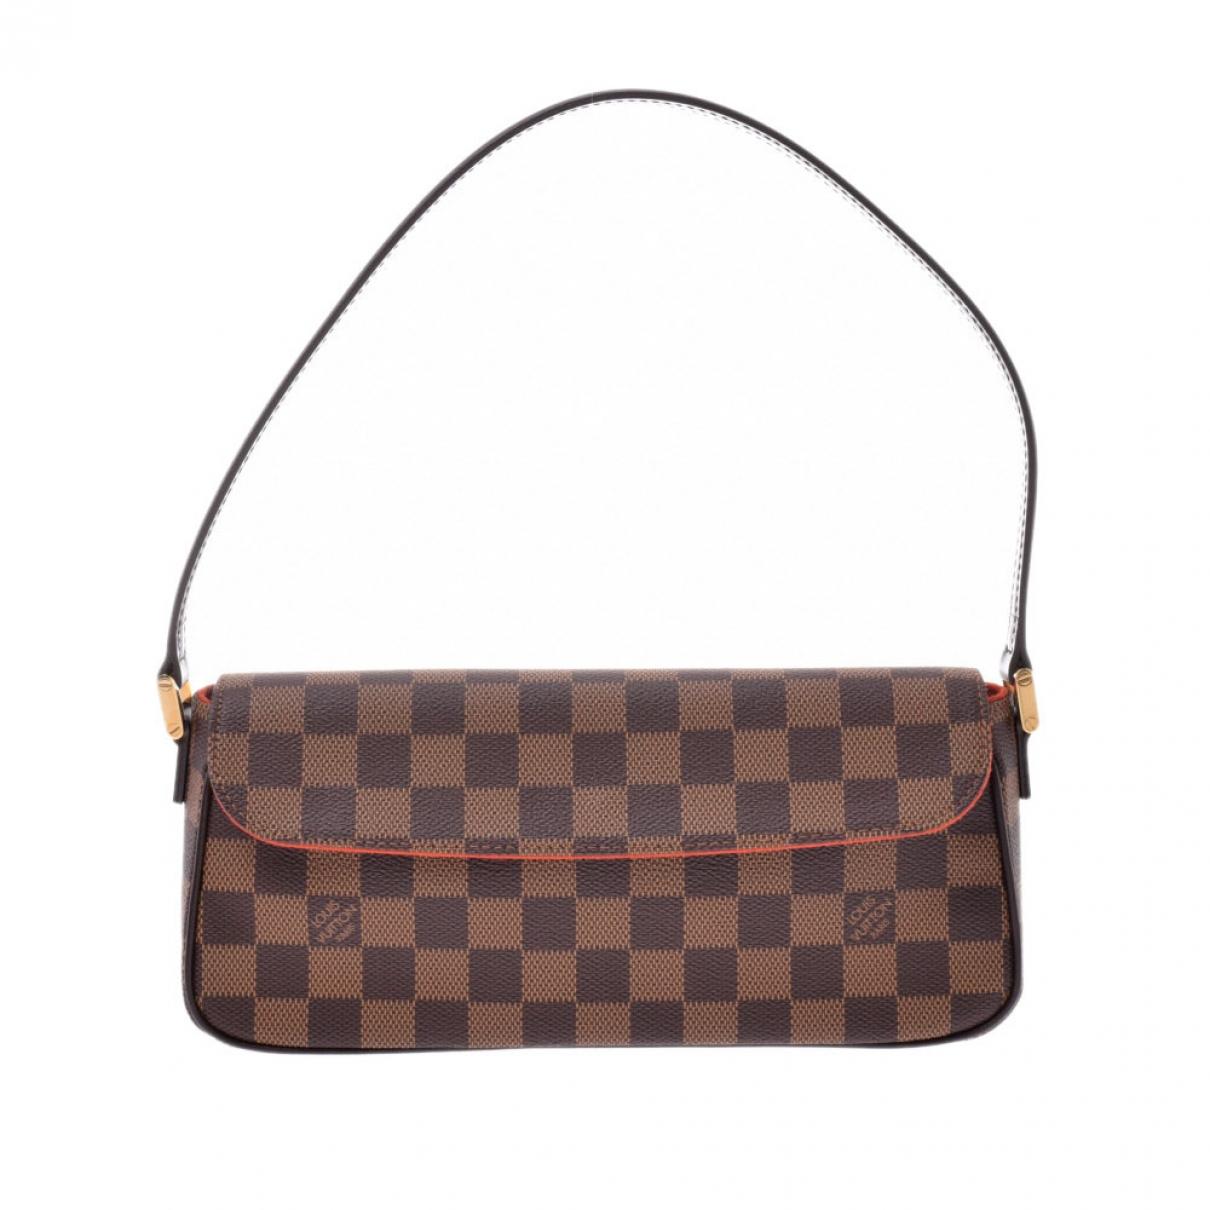 Louis Vuitton Recoleta Handtasche in  Braun Leinen